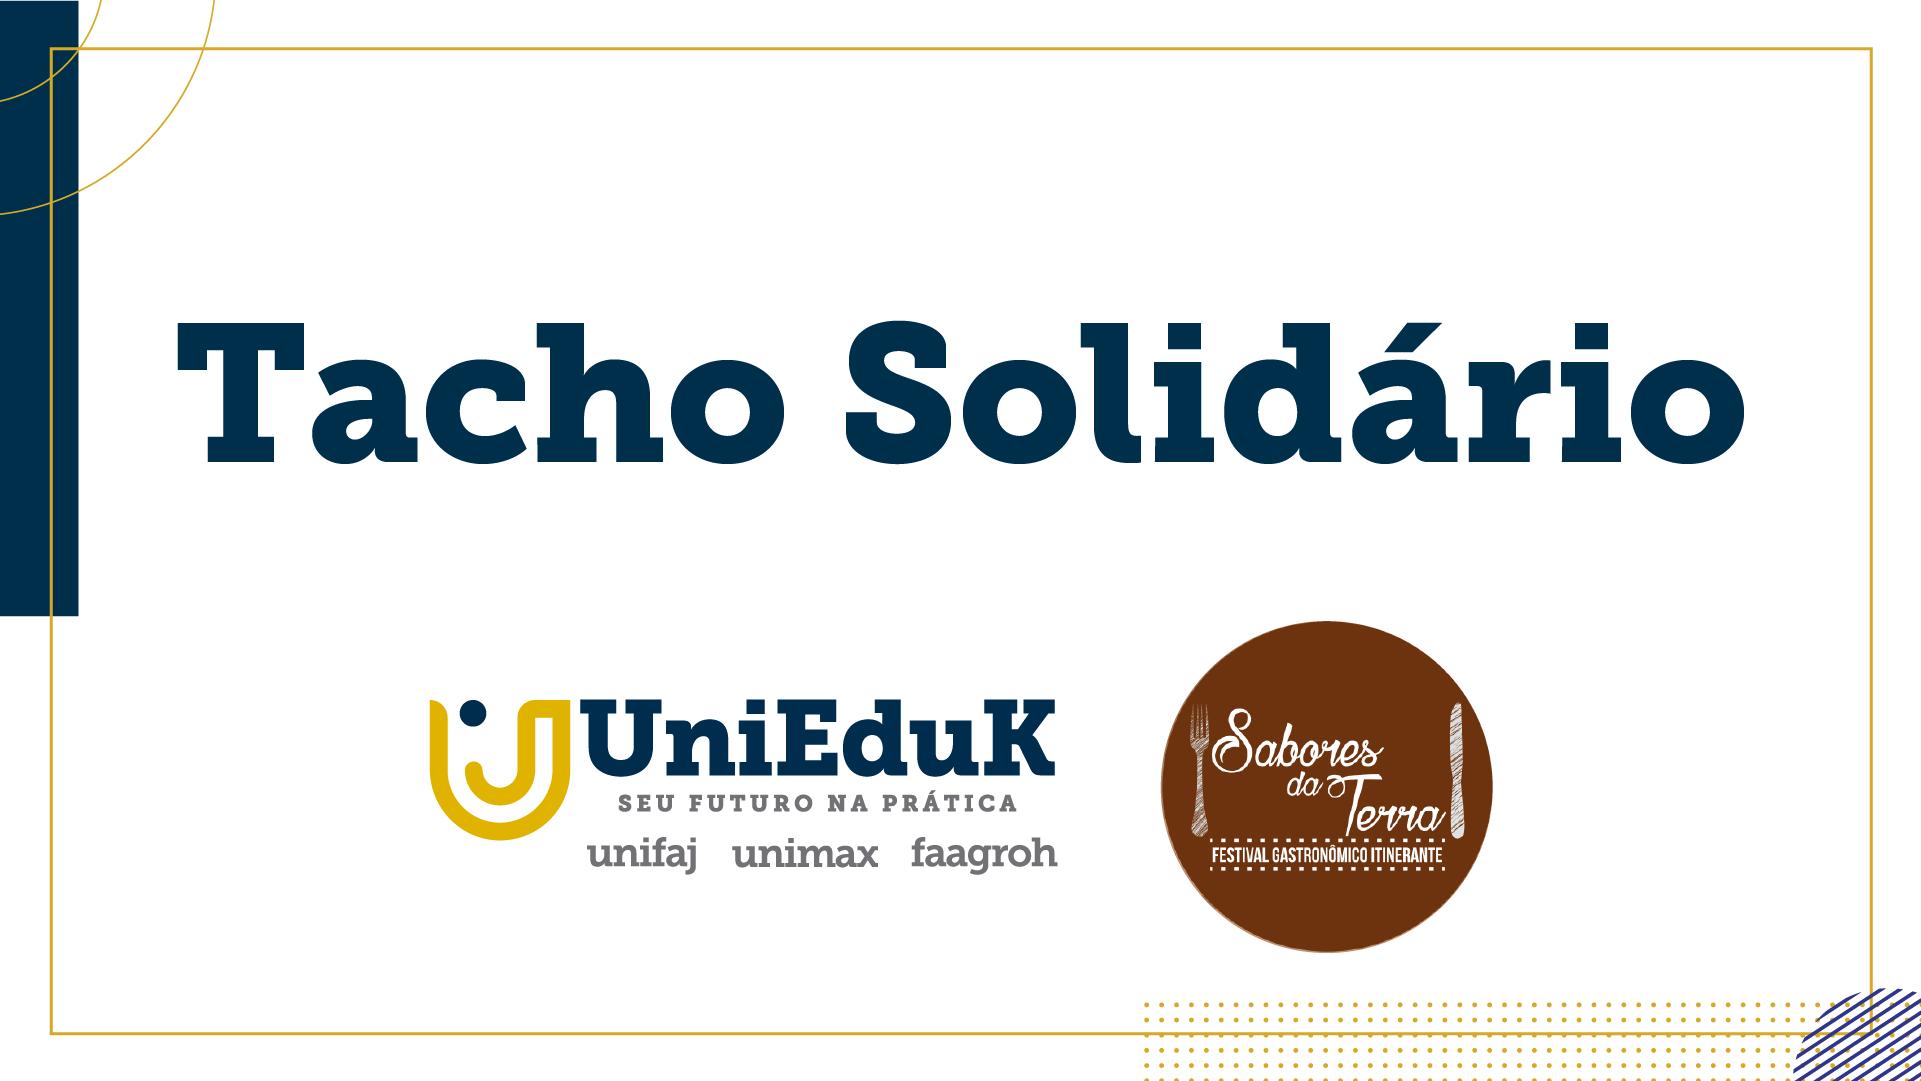 """A arte traz o logo do Grupo UniEduK e do festival Sabores da Terra, com o texto """"Tacho Solidário"""" ao centro."""